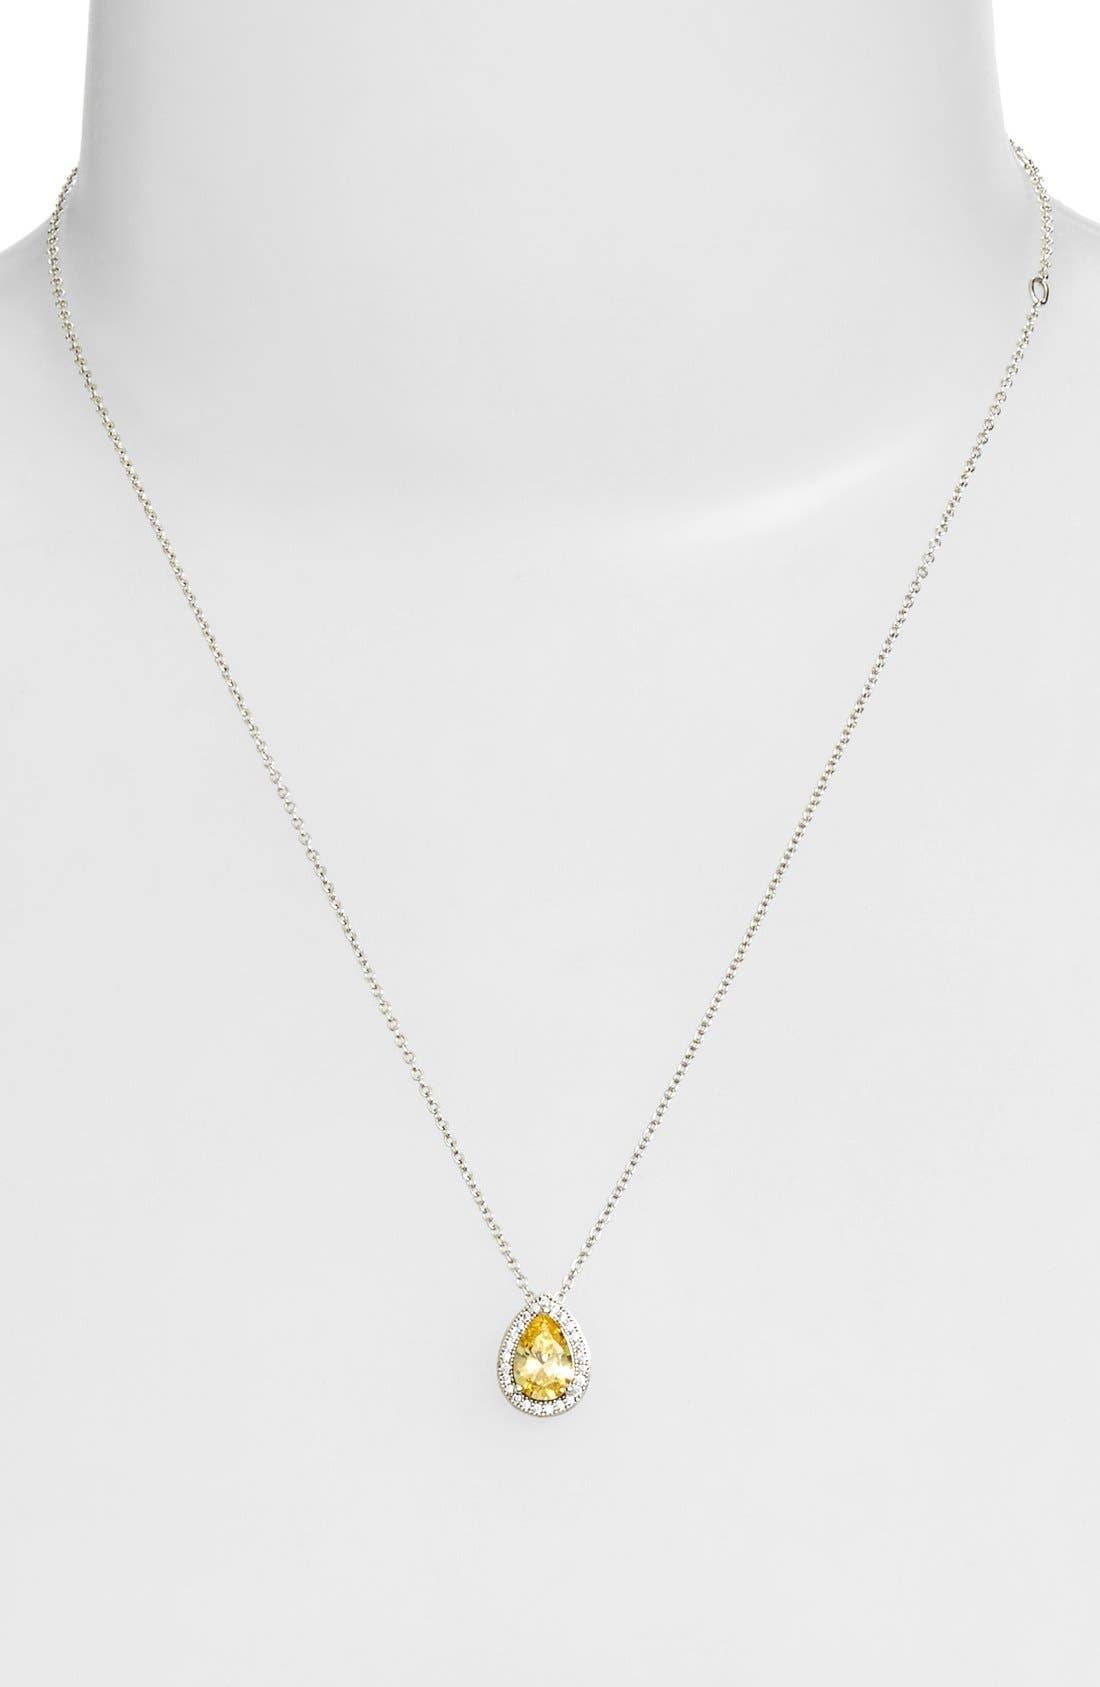 'Lassaire' CanaryStone Pendant Necklace,                             Alternate thumbnail 2, color,                             700